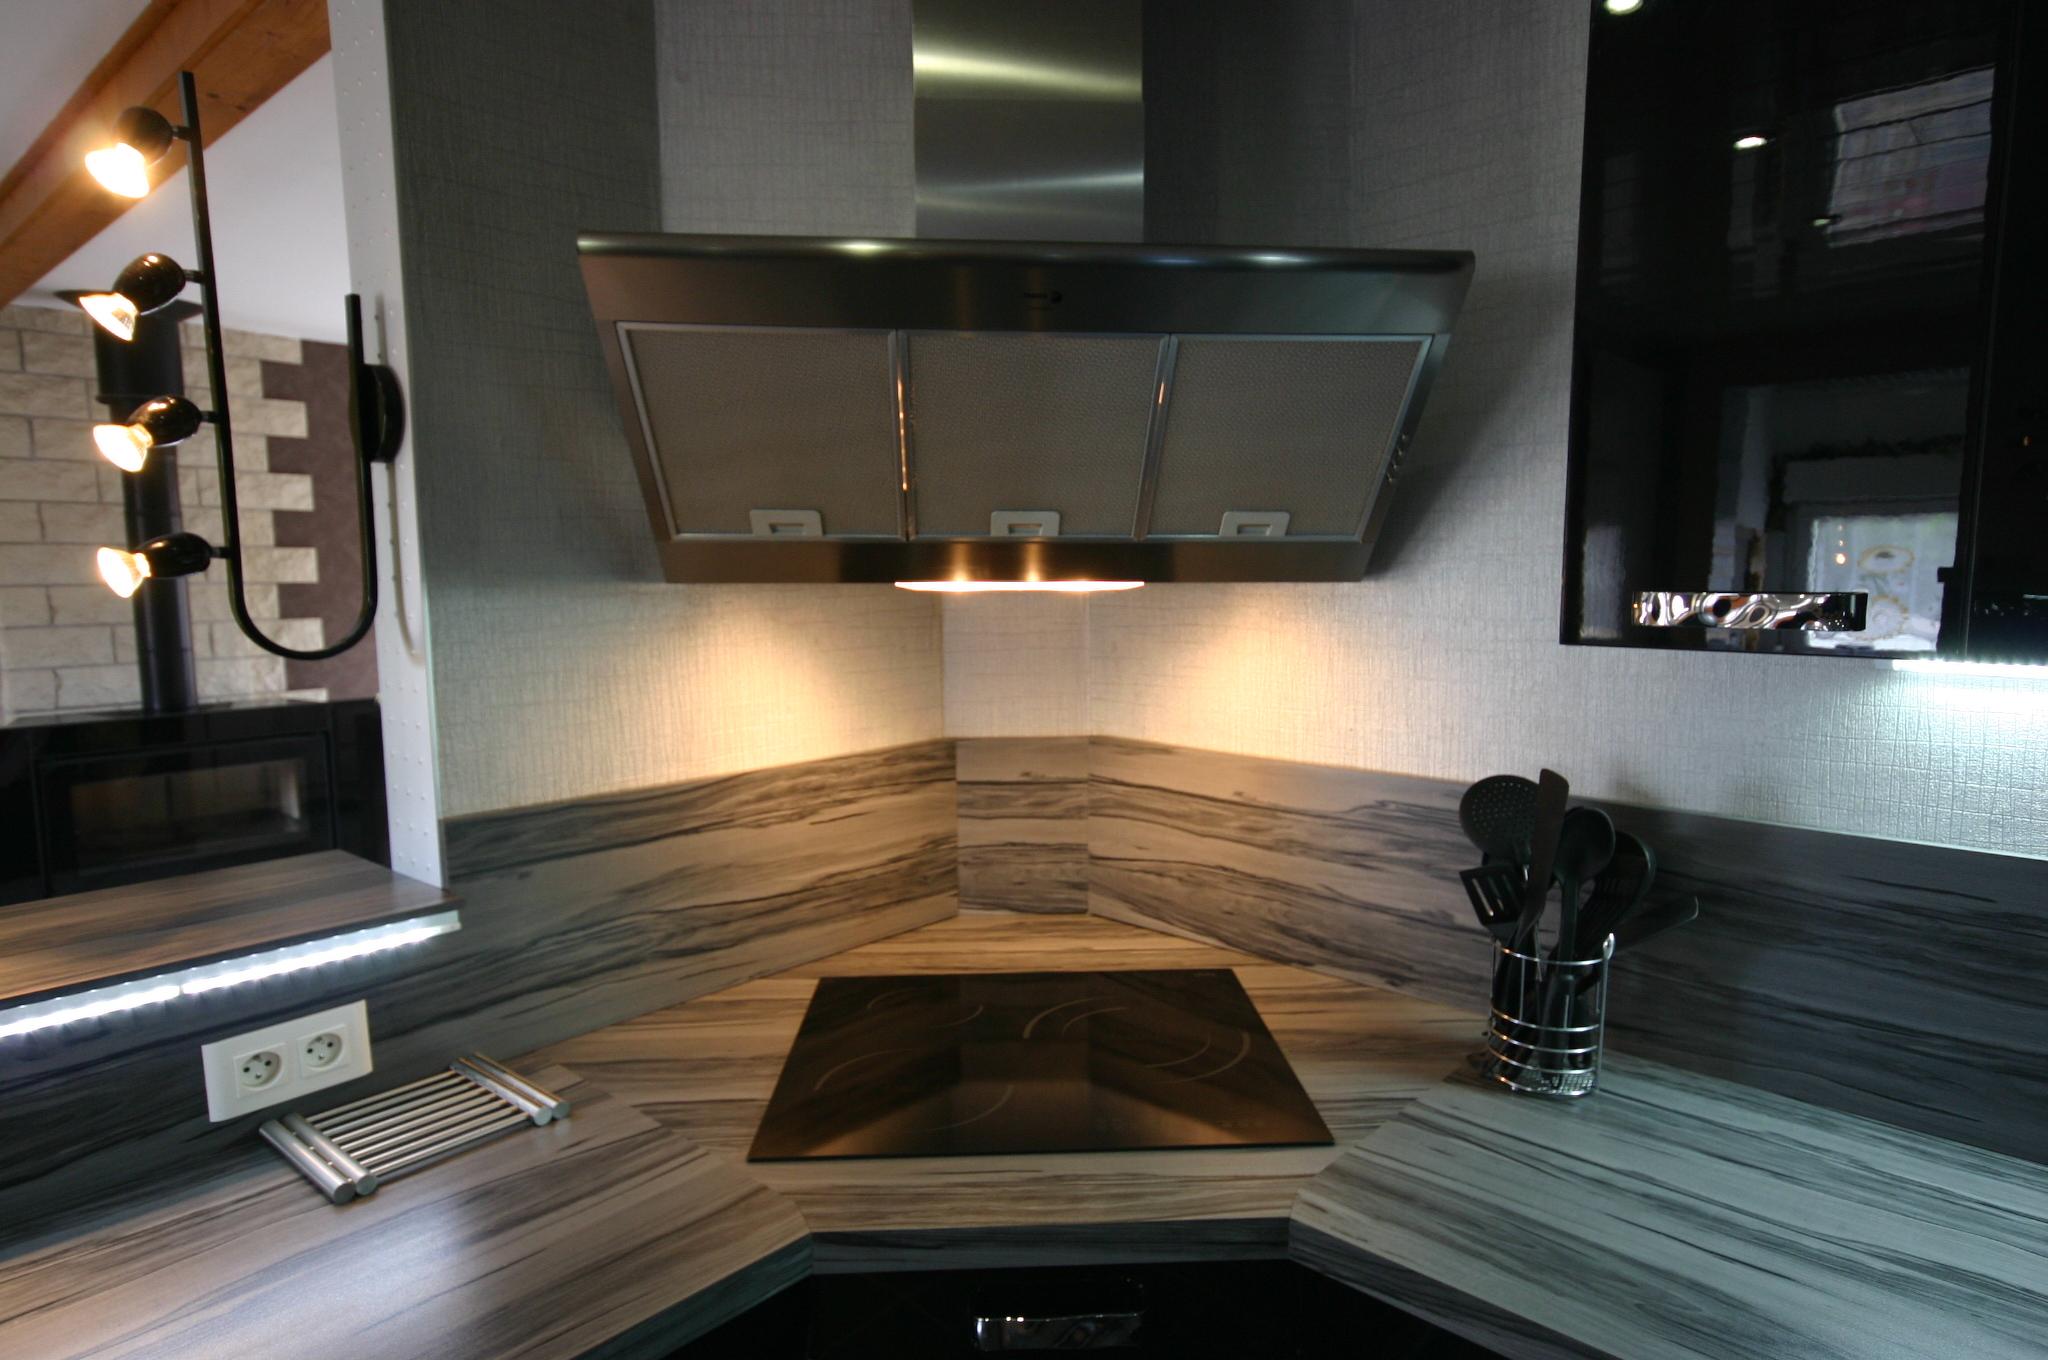 hotte cuisine angle maison et mobilier d 39 int rieur. Black Bedroom Furniture Sets. Home Design Ideas